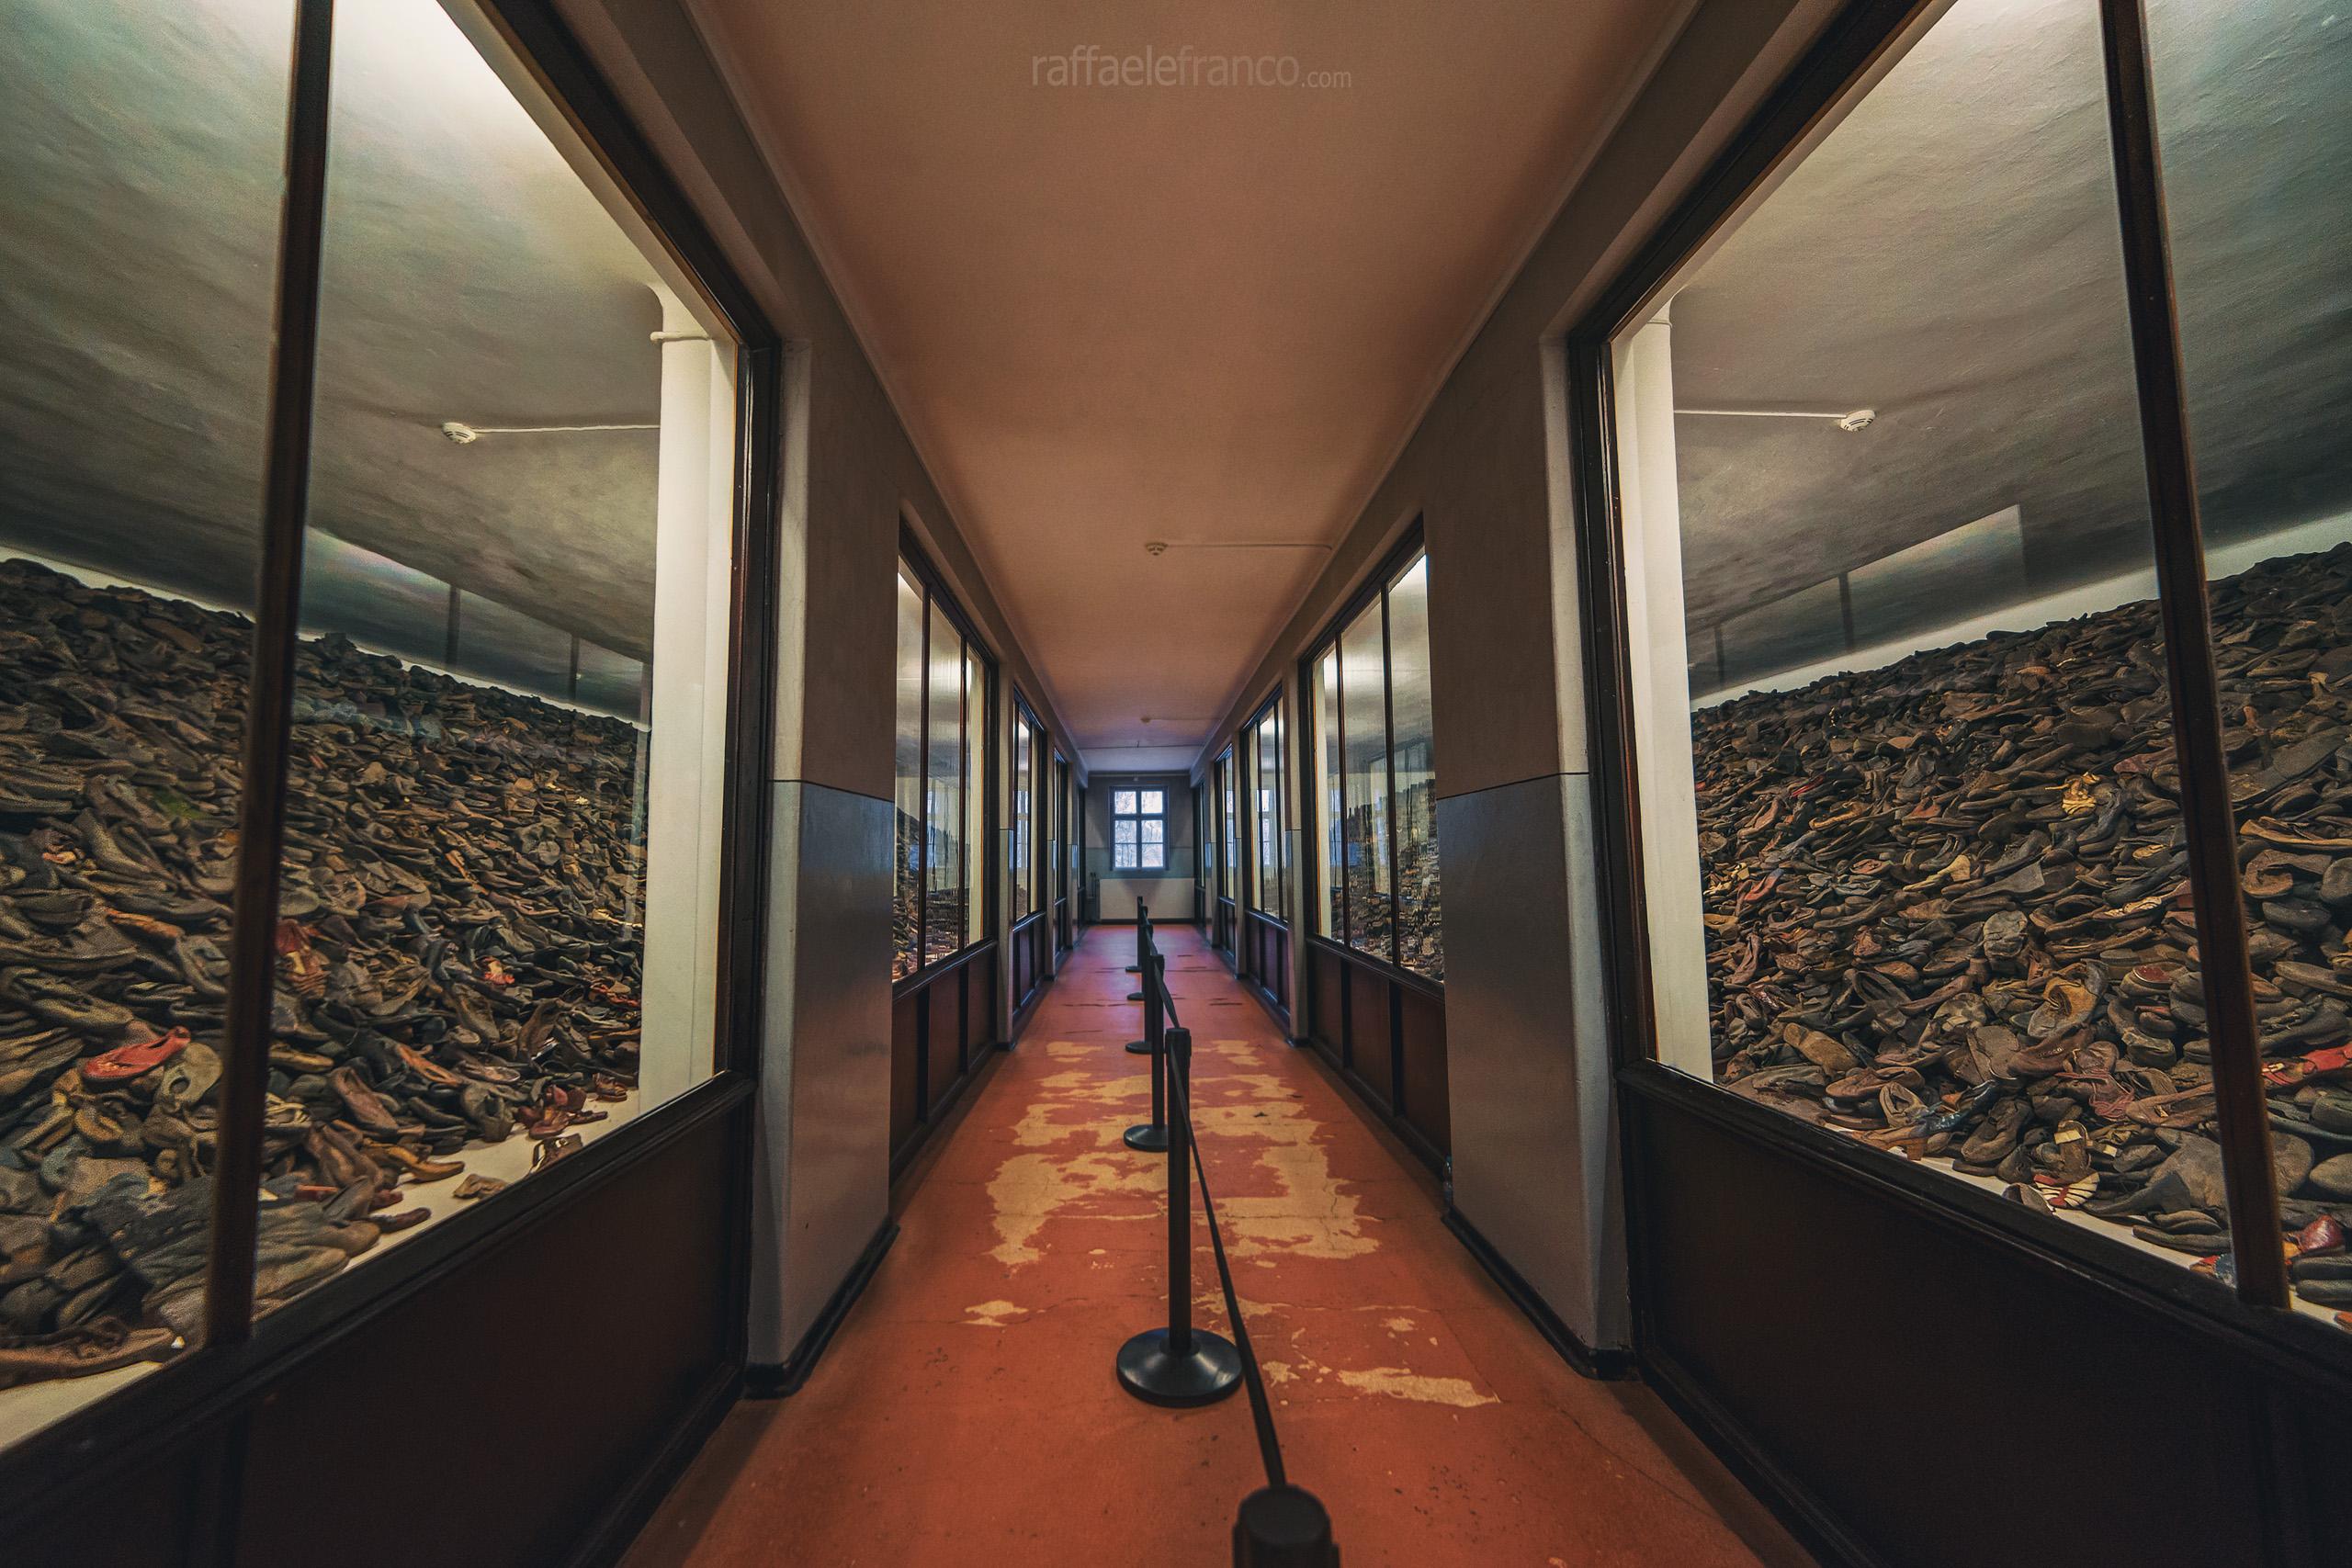 Le scarpe ritrovate ad Auschwitz al momento della liberazione.